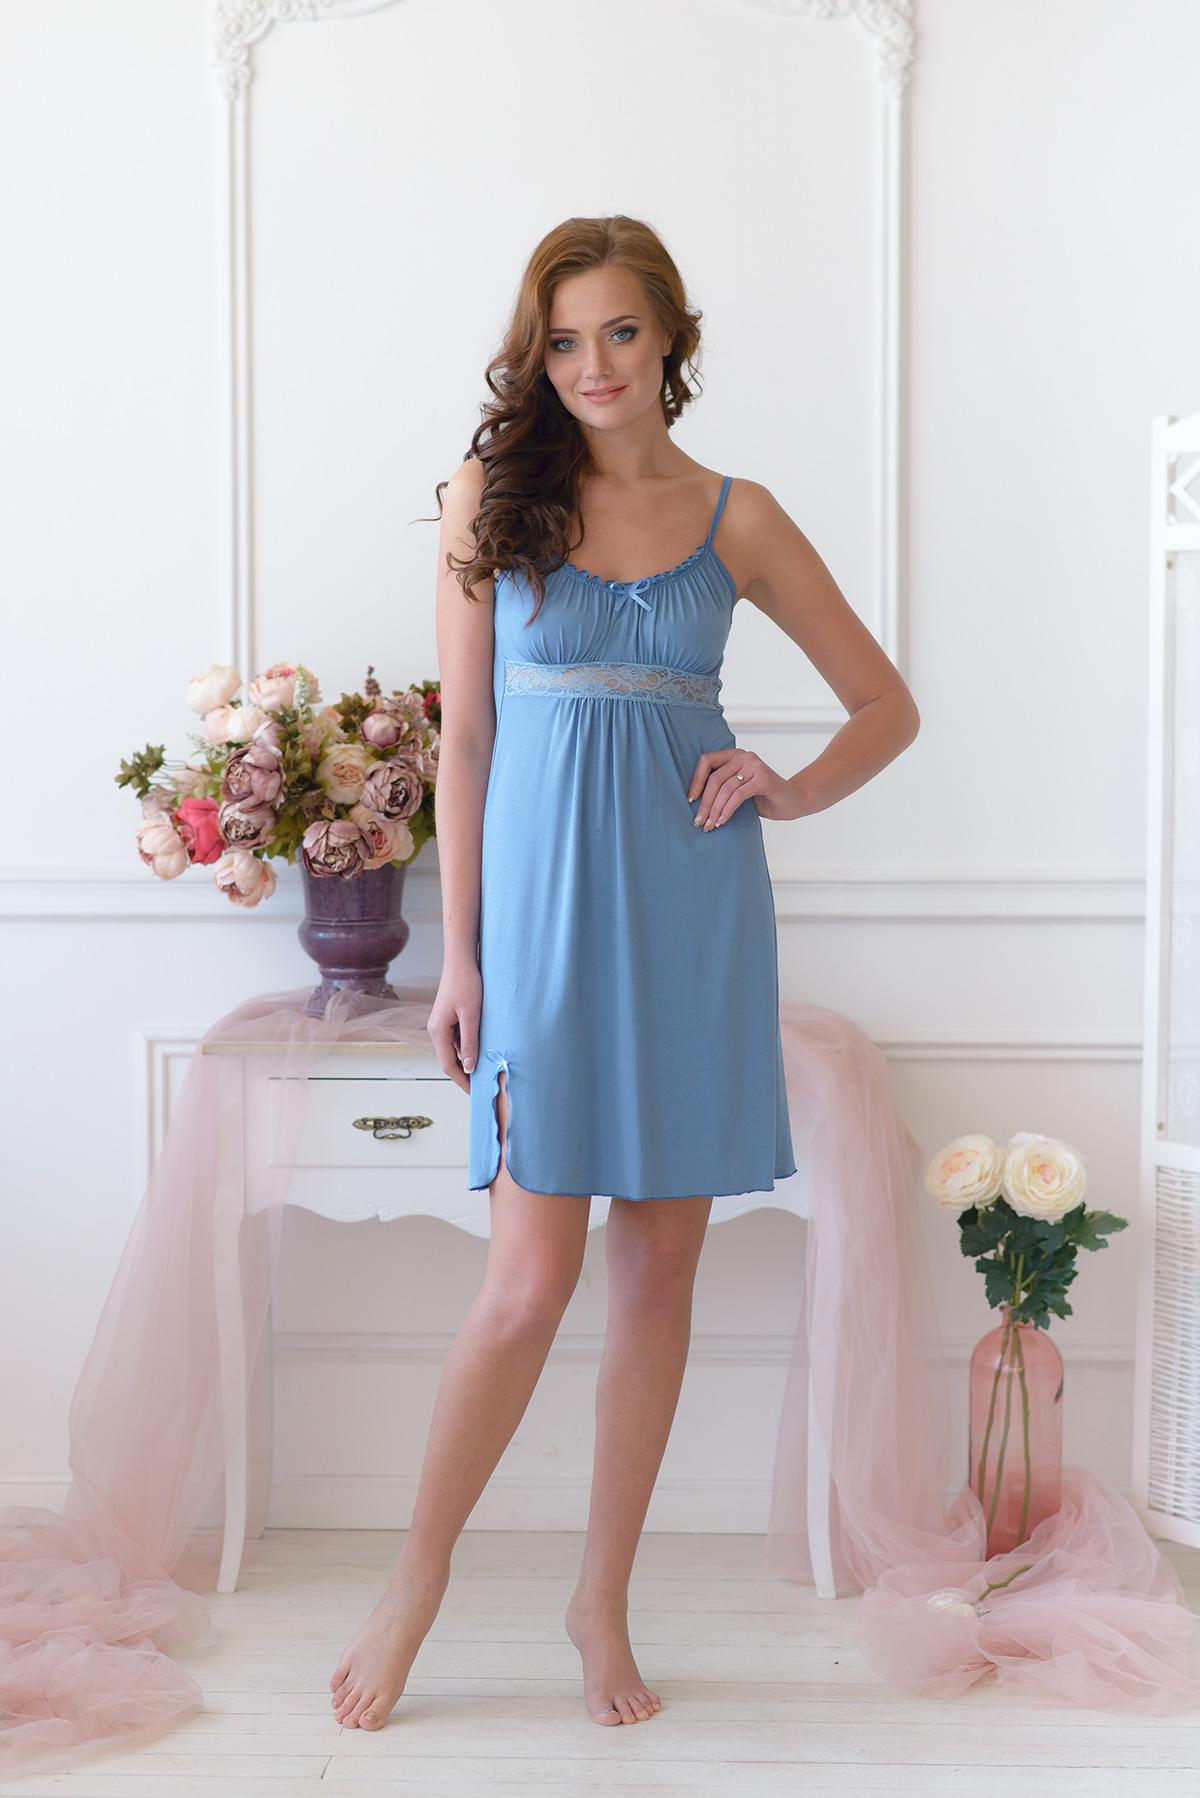 Жен. сорочка арт. 19-0017 Серо-голубой р. 54Ночные сорочки<br>Факт. ОГ: 78 см <br>Факт. ОТ: 108 см <br>Факт. ОБ: 120 см <br>Длина по спинке: 69 см<br><br>Тип: Жен. сорочка<br>Размер: 54<br>Материал: Вискоза